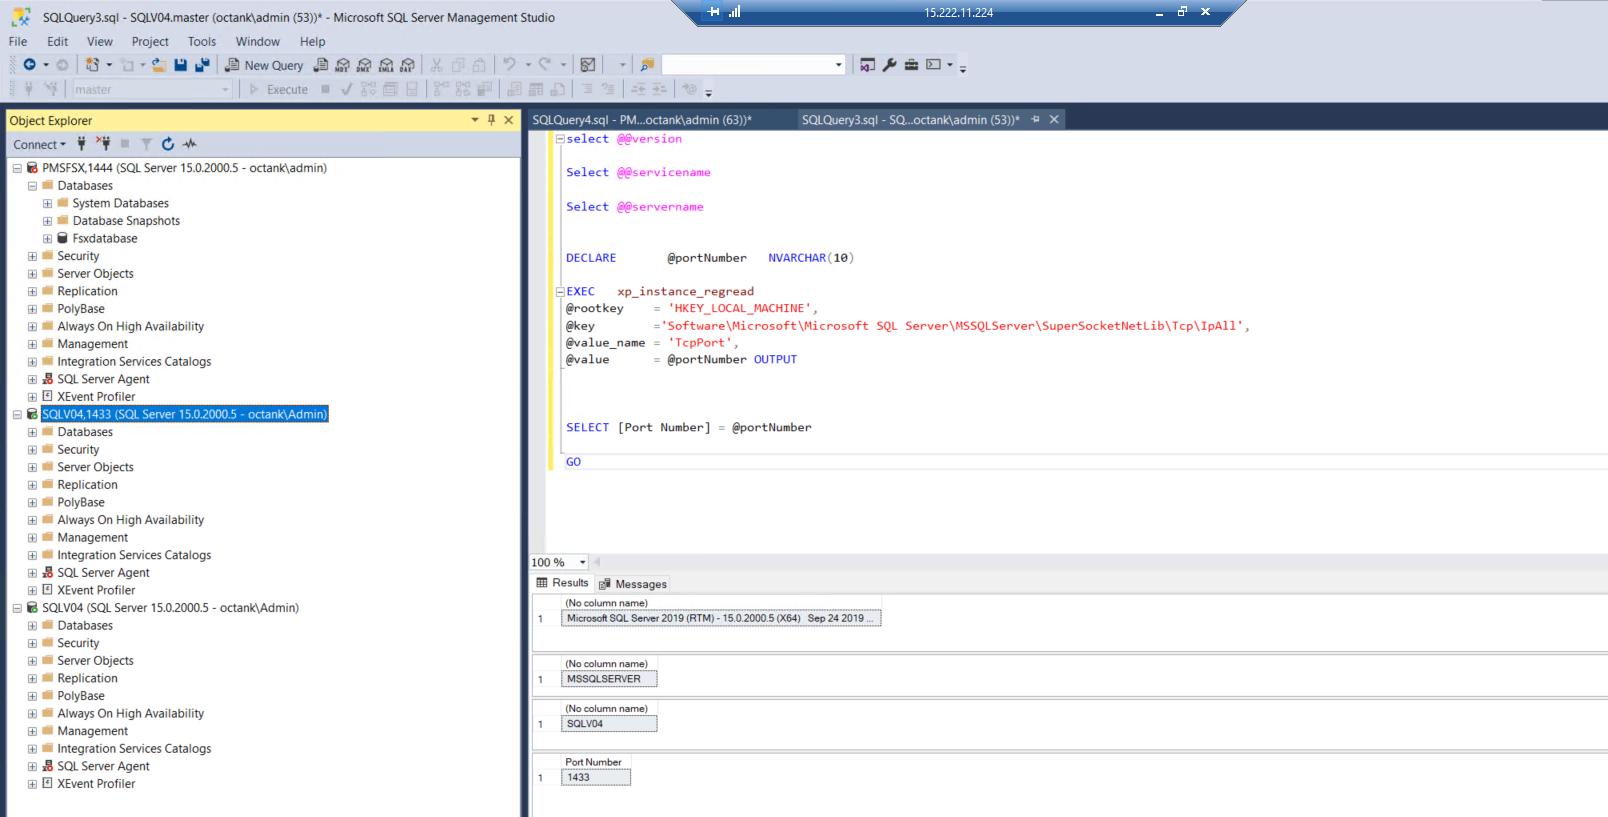 In SQL Server Management Studio, the displayed version is Microsoft SQL Server 2019 (RTM). The port number is 1433.